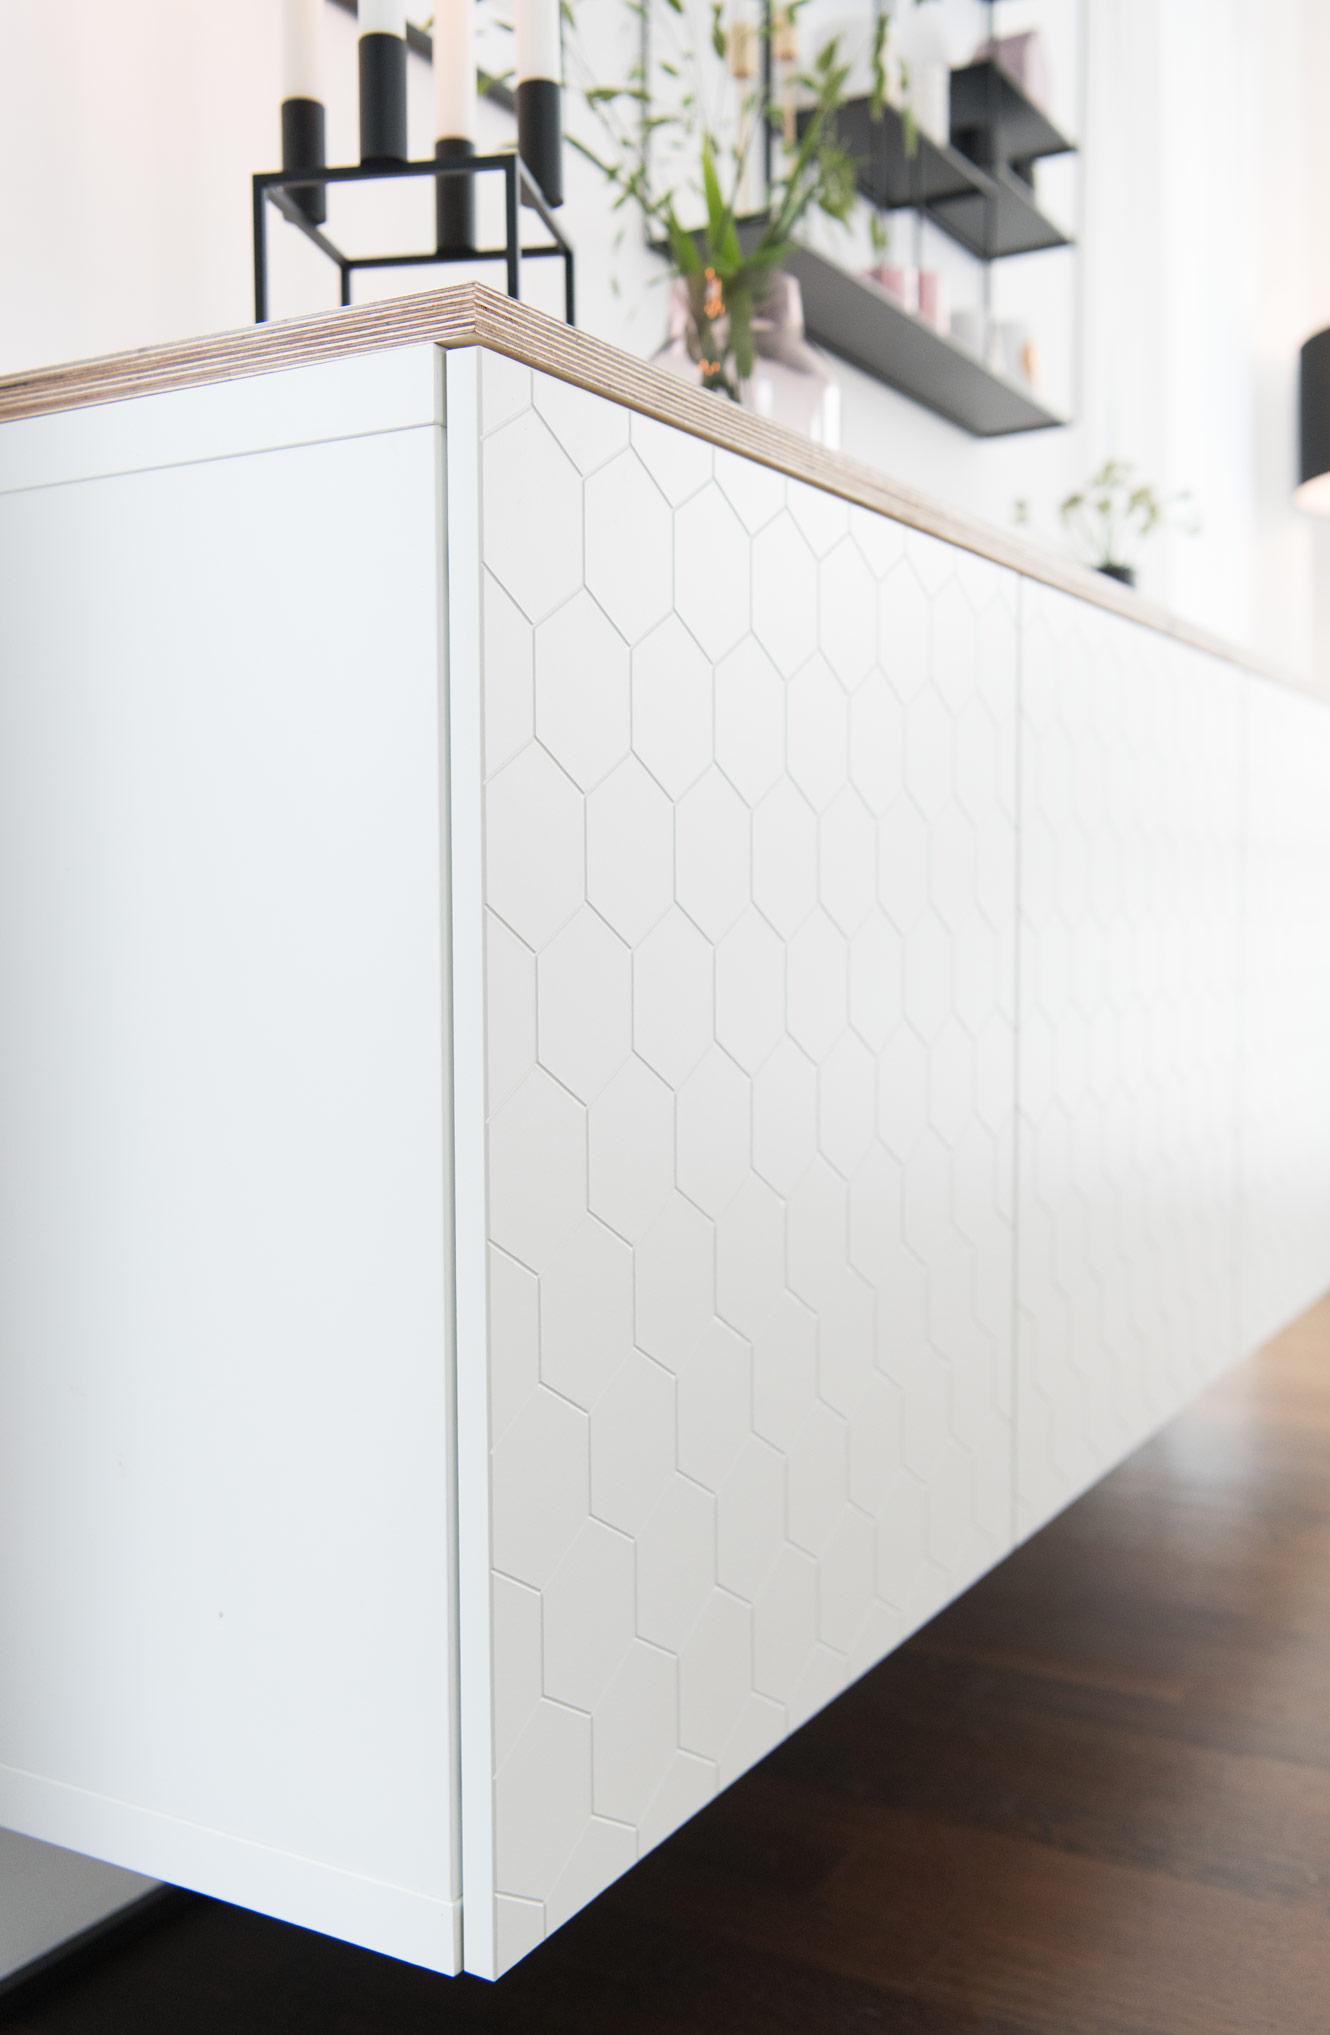 Full Size of Sideboard Ikea Neue Fronten Eine Platte Fr Mein Best Miniküche Sofa Mit Schlaffunktion Küche Kaufen Kosten Betten Bei Wohnzimmer Arbeitsplatte 160x200 Wohnzimmer Sideboard Ikea